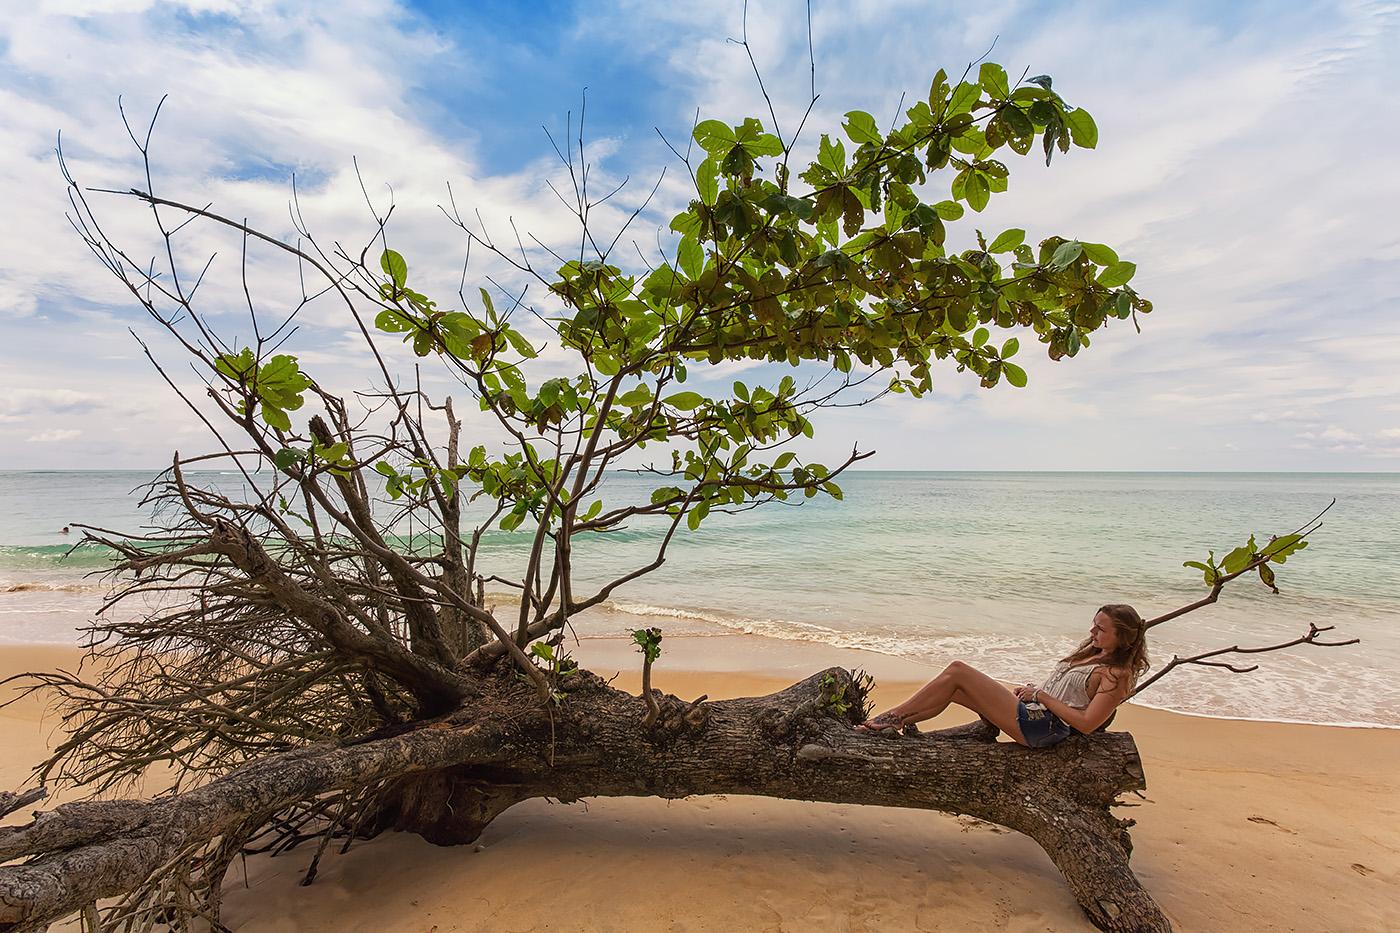 Frau relaxed auf Baum an Strand in Thailand